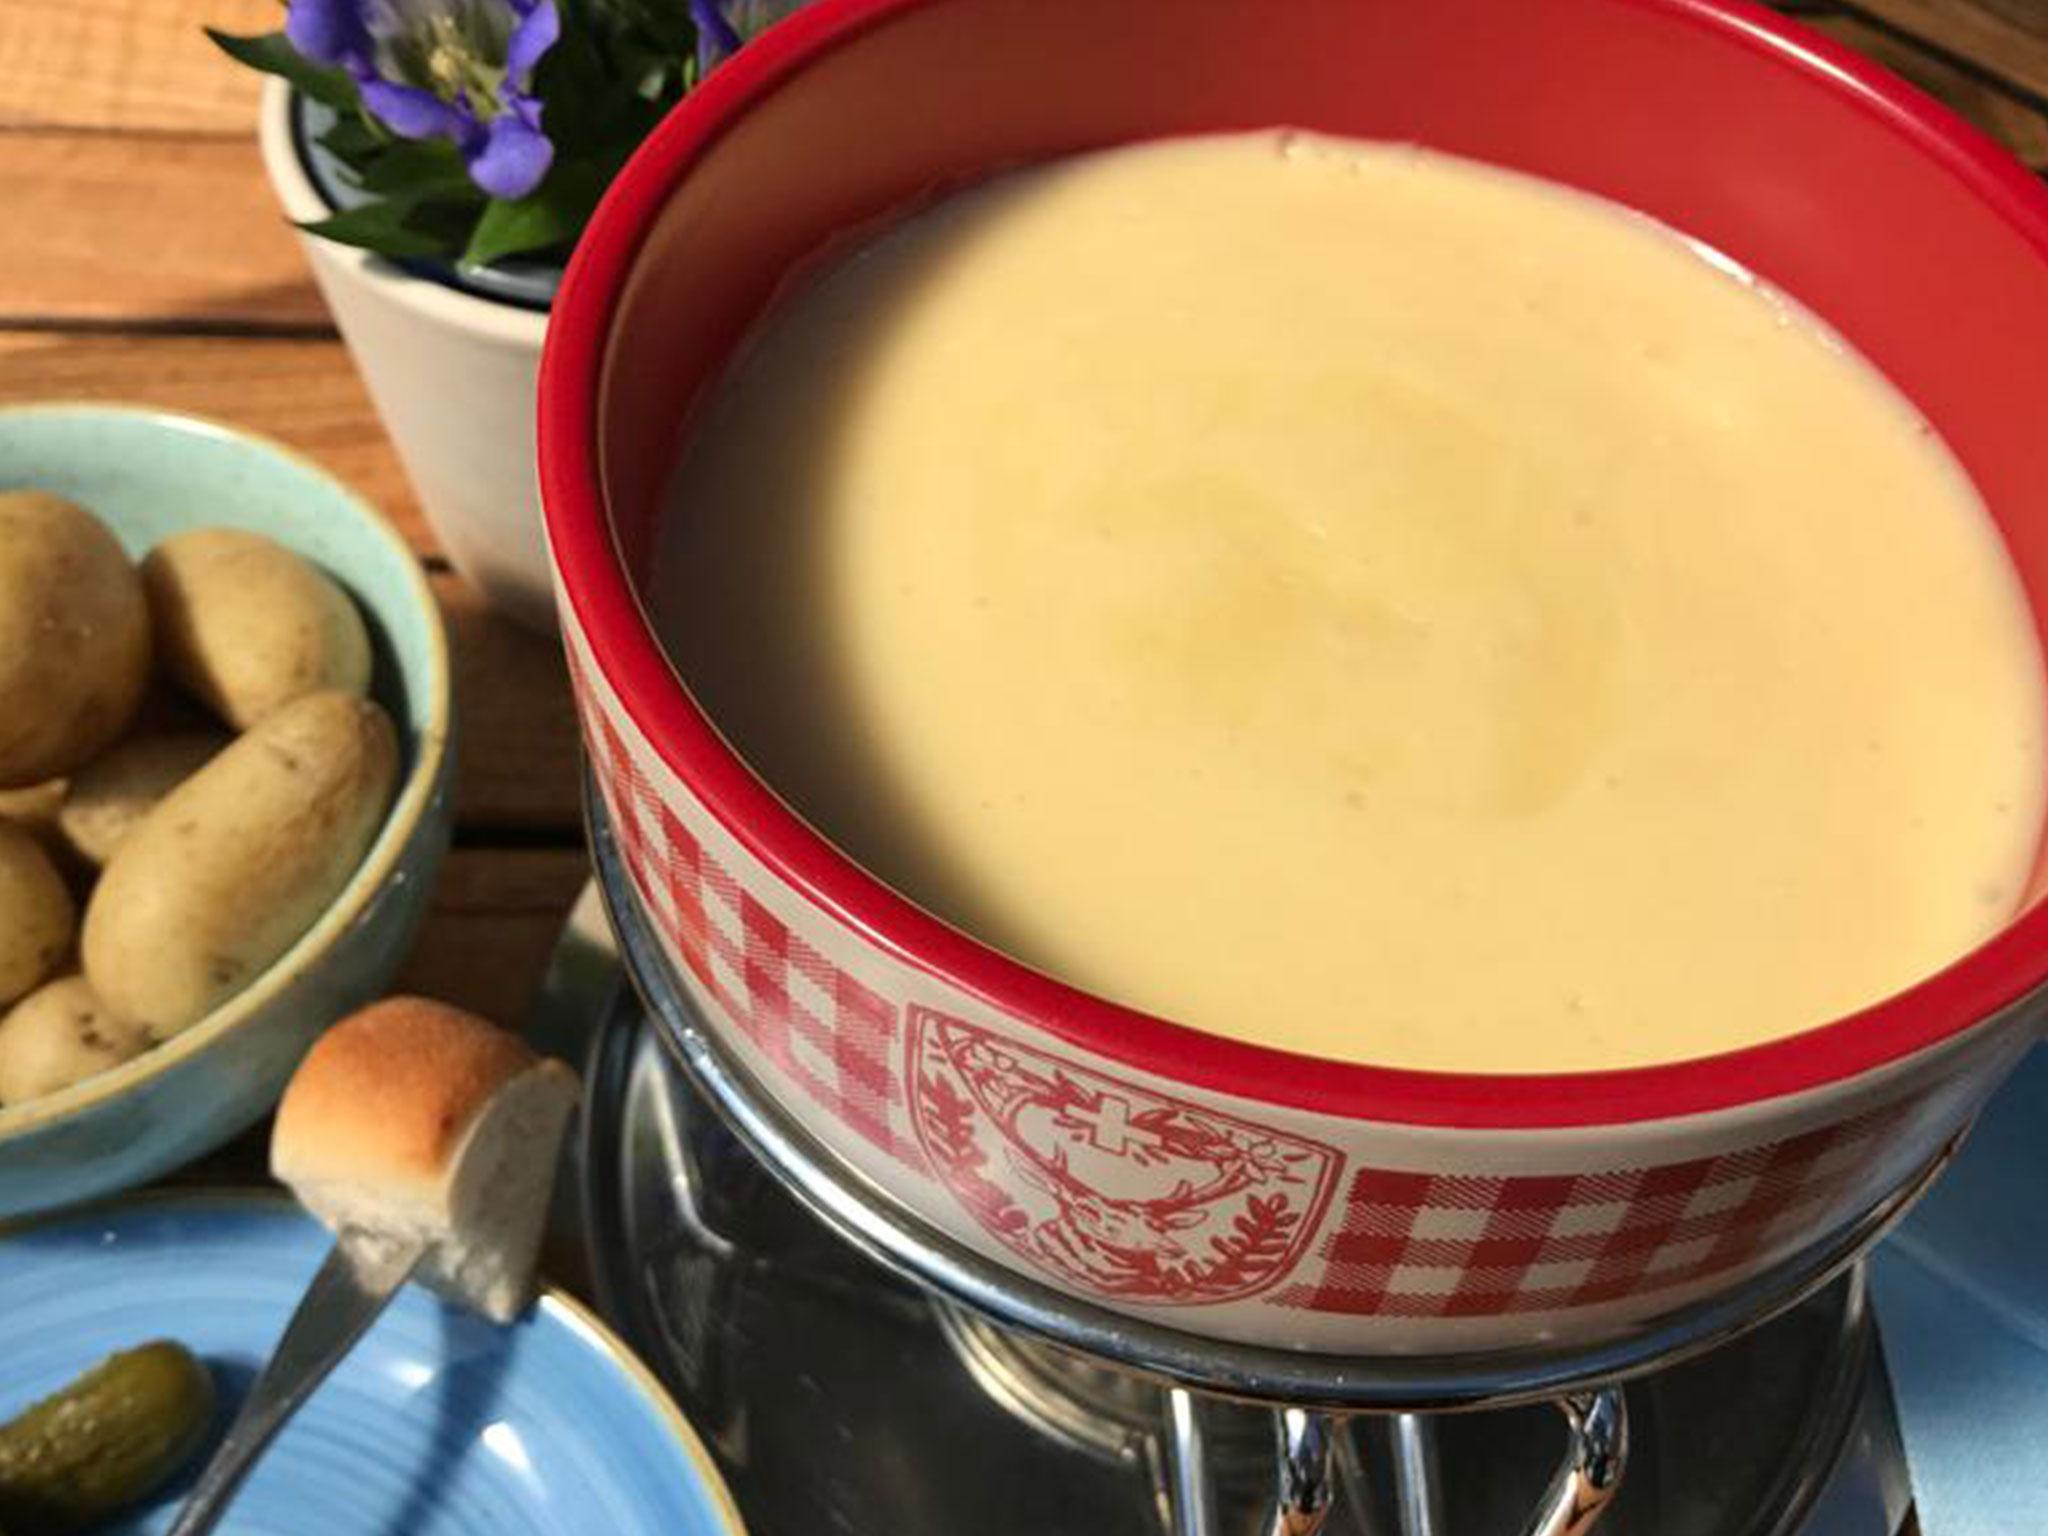 aarmuehle-hapimag-fondue.jpg